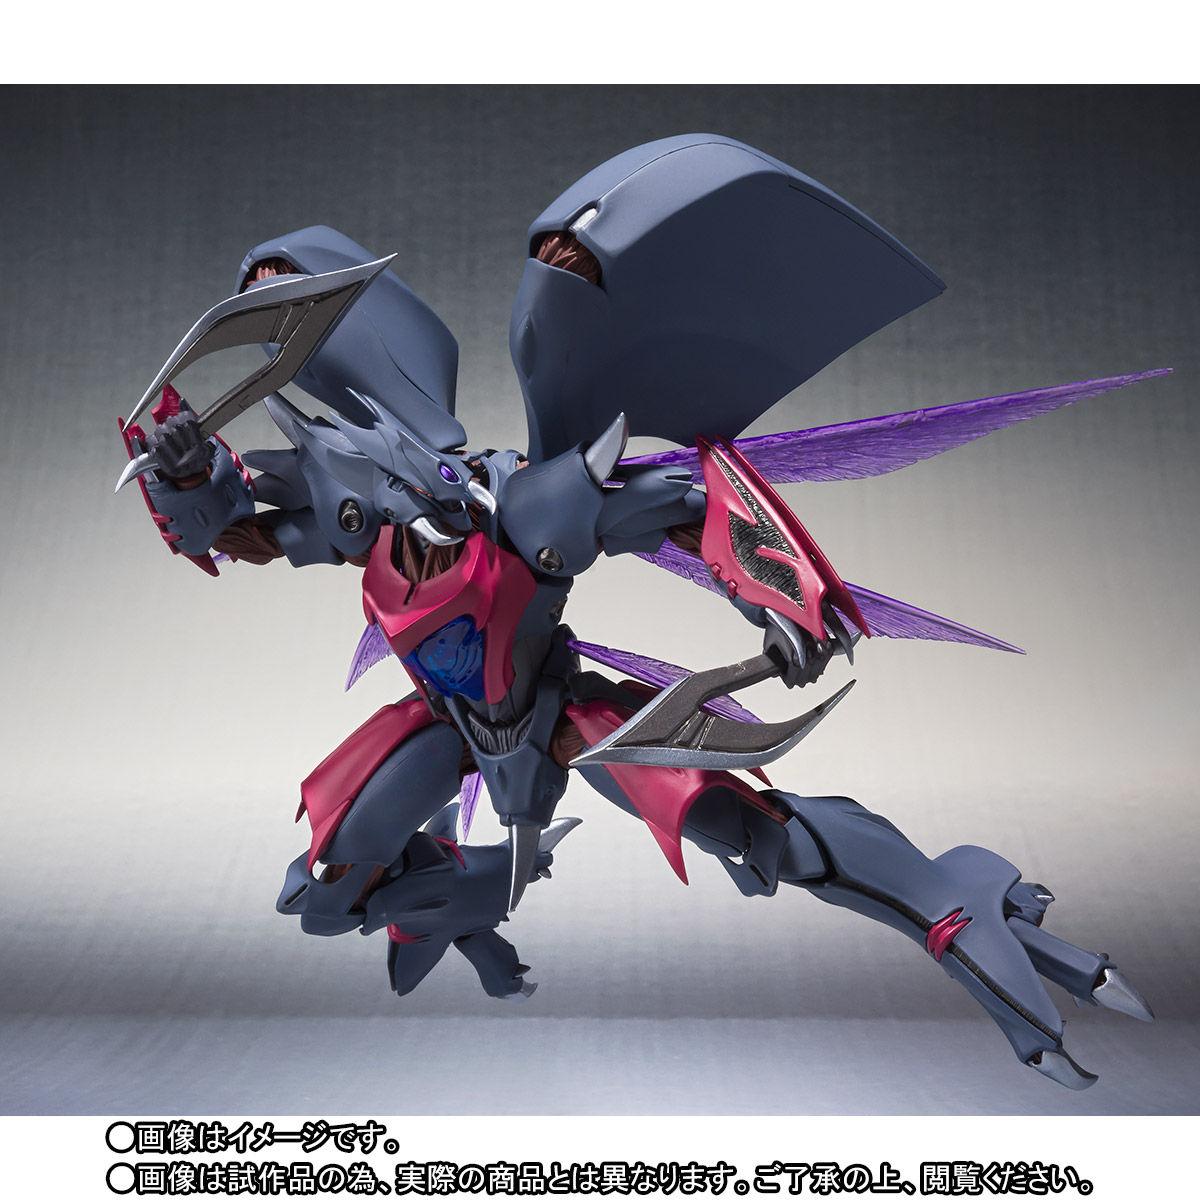 【限定販売】ROBOT魂〈SIDE AB〉『ビアレス(AURA FHANTASM)』ダンダムMSV 可動フィギュア-006